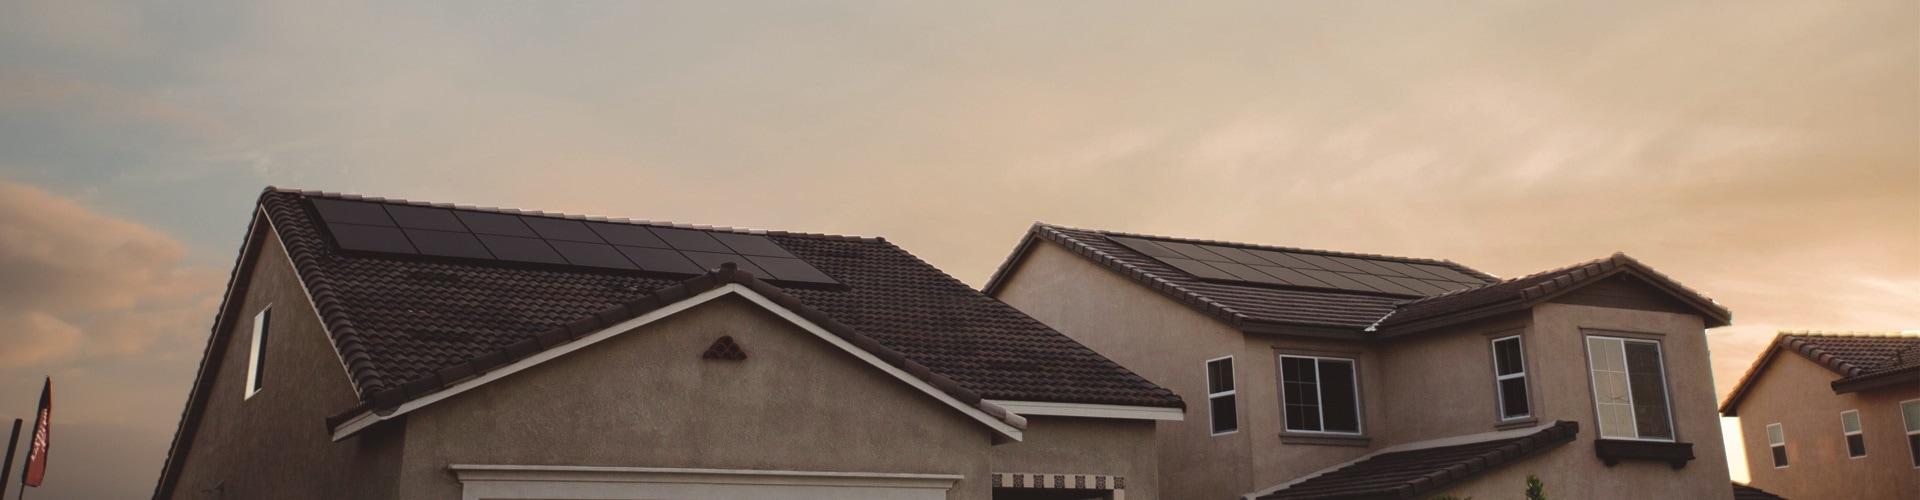 fotovoltaica-portada